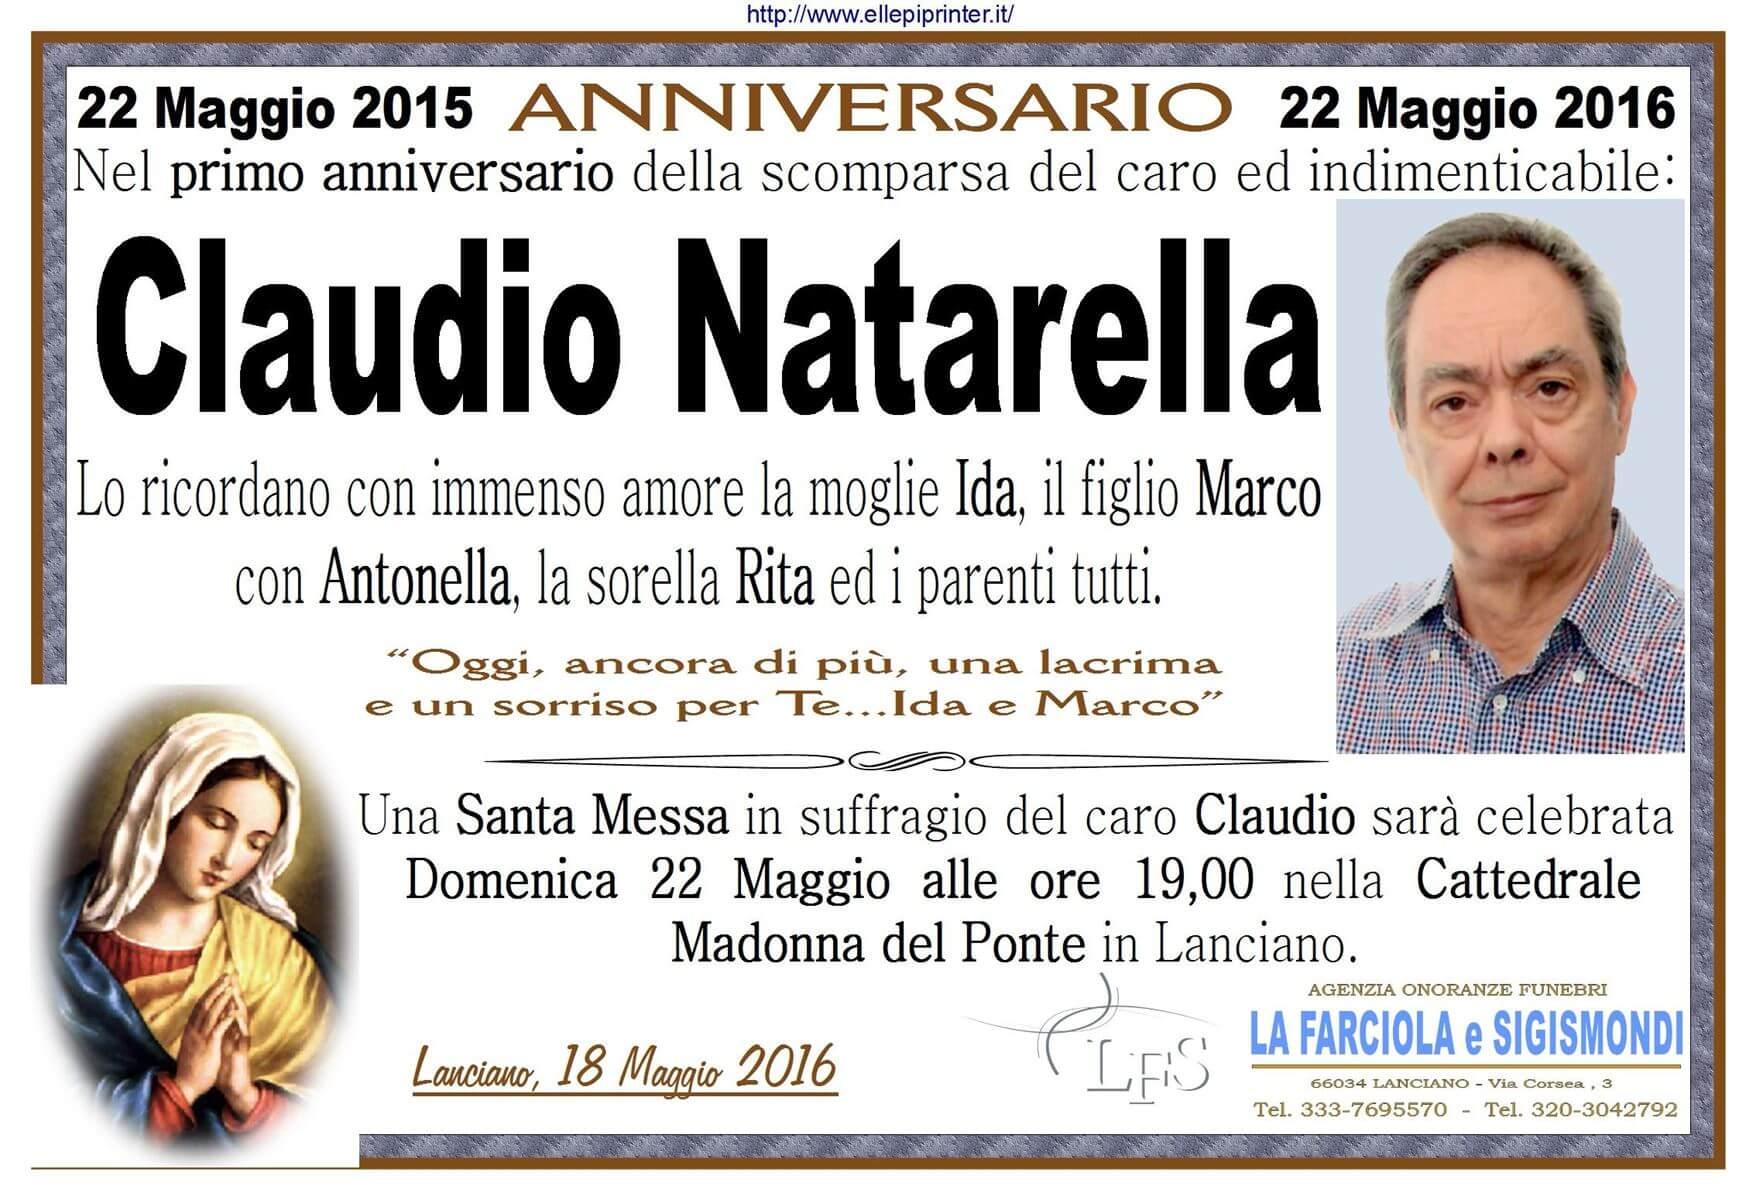 ANNIVERSARIO NATARELLA 2016